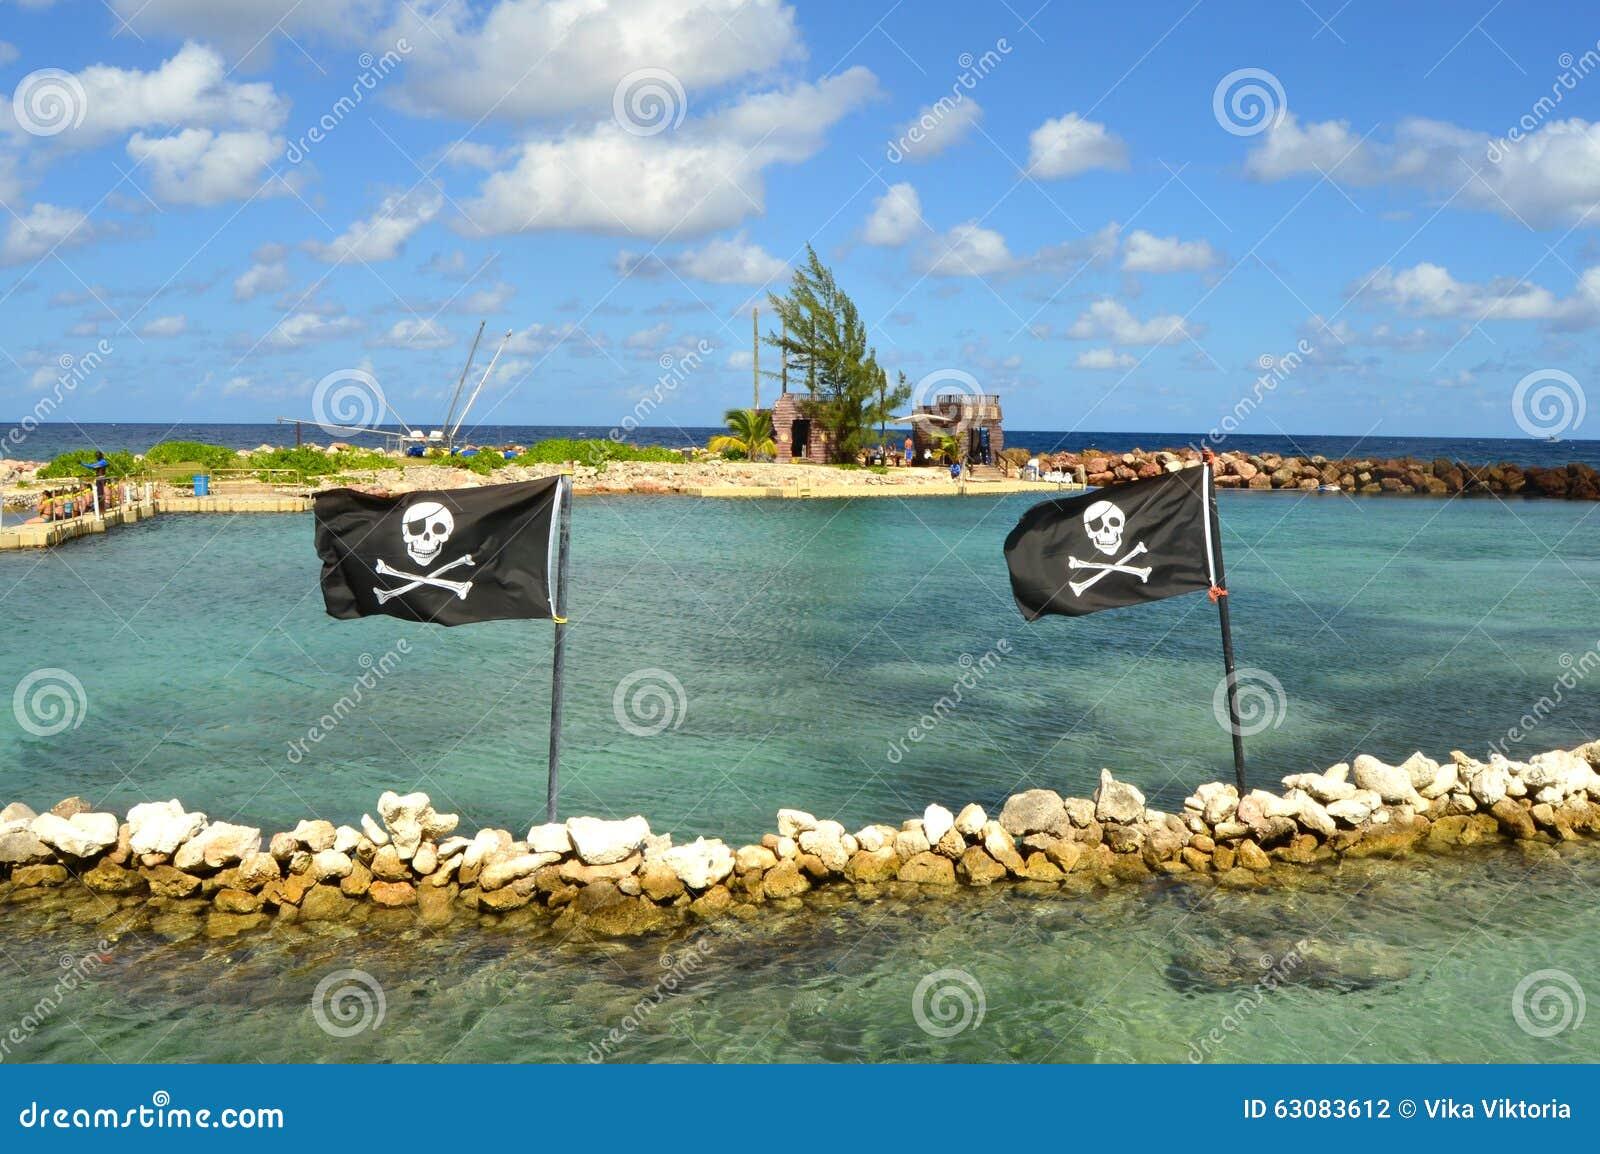 Download Drapeaux de pirate photo stock. Image du crossbones, copie - 63083612